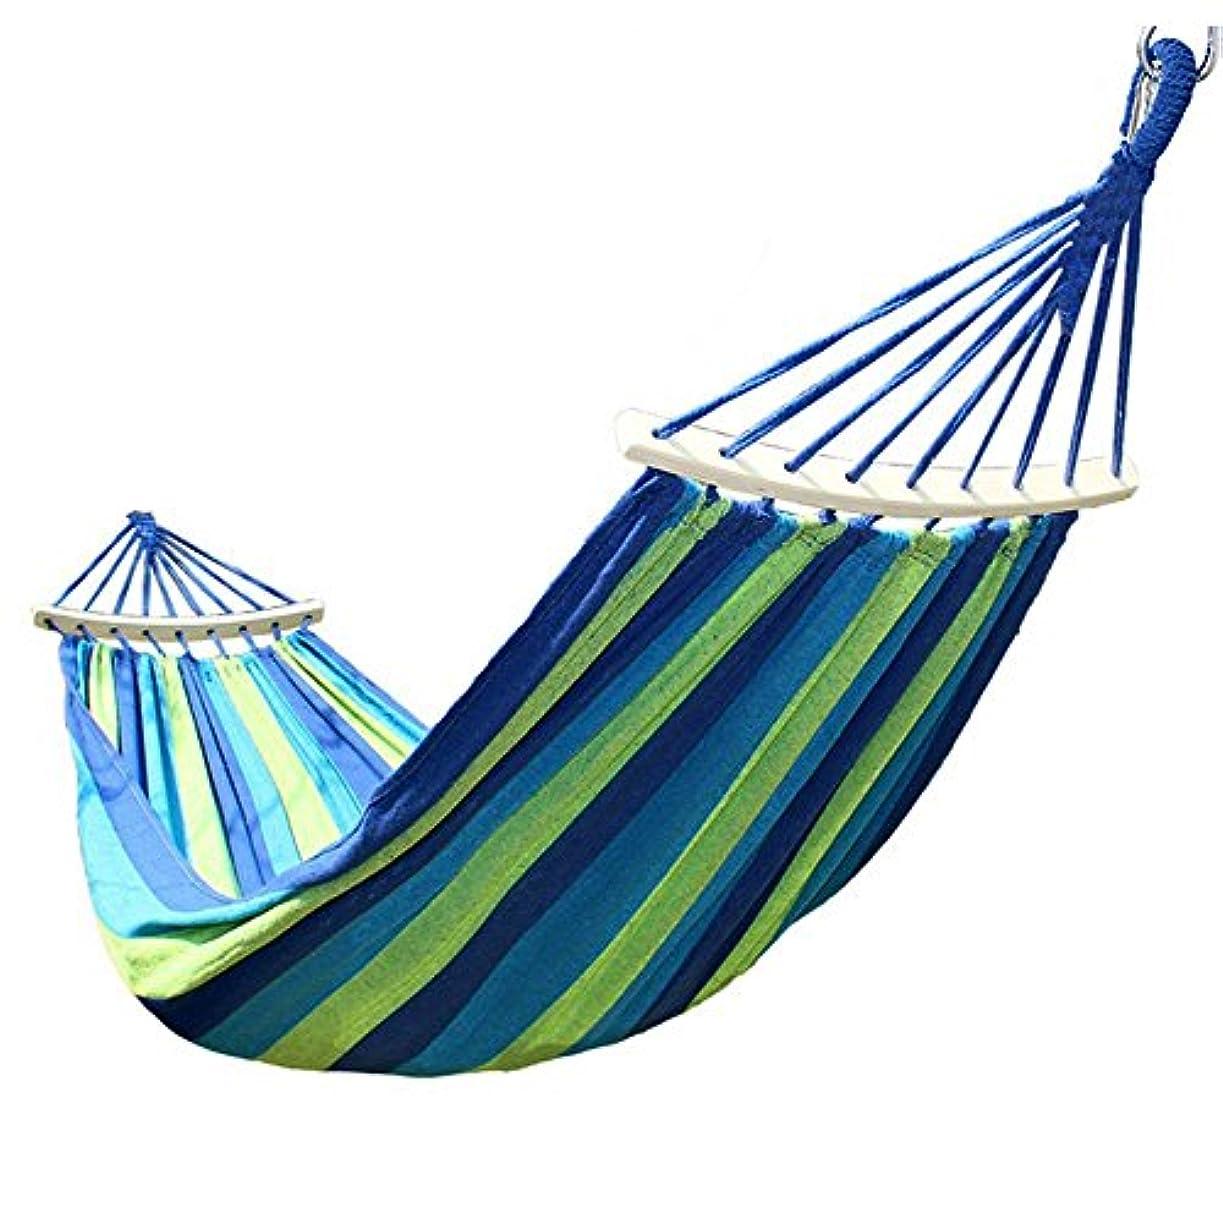 追放グレートオーク月MONBLA ハンモック 睡眠ベッド 寝具 アウトドア ロープ/フック/収納袋付き 2人用 ブルー JG-5678